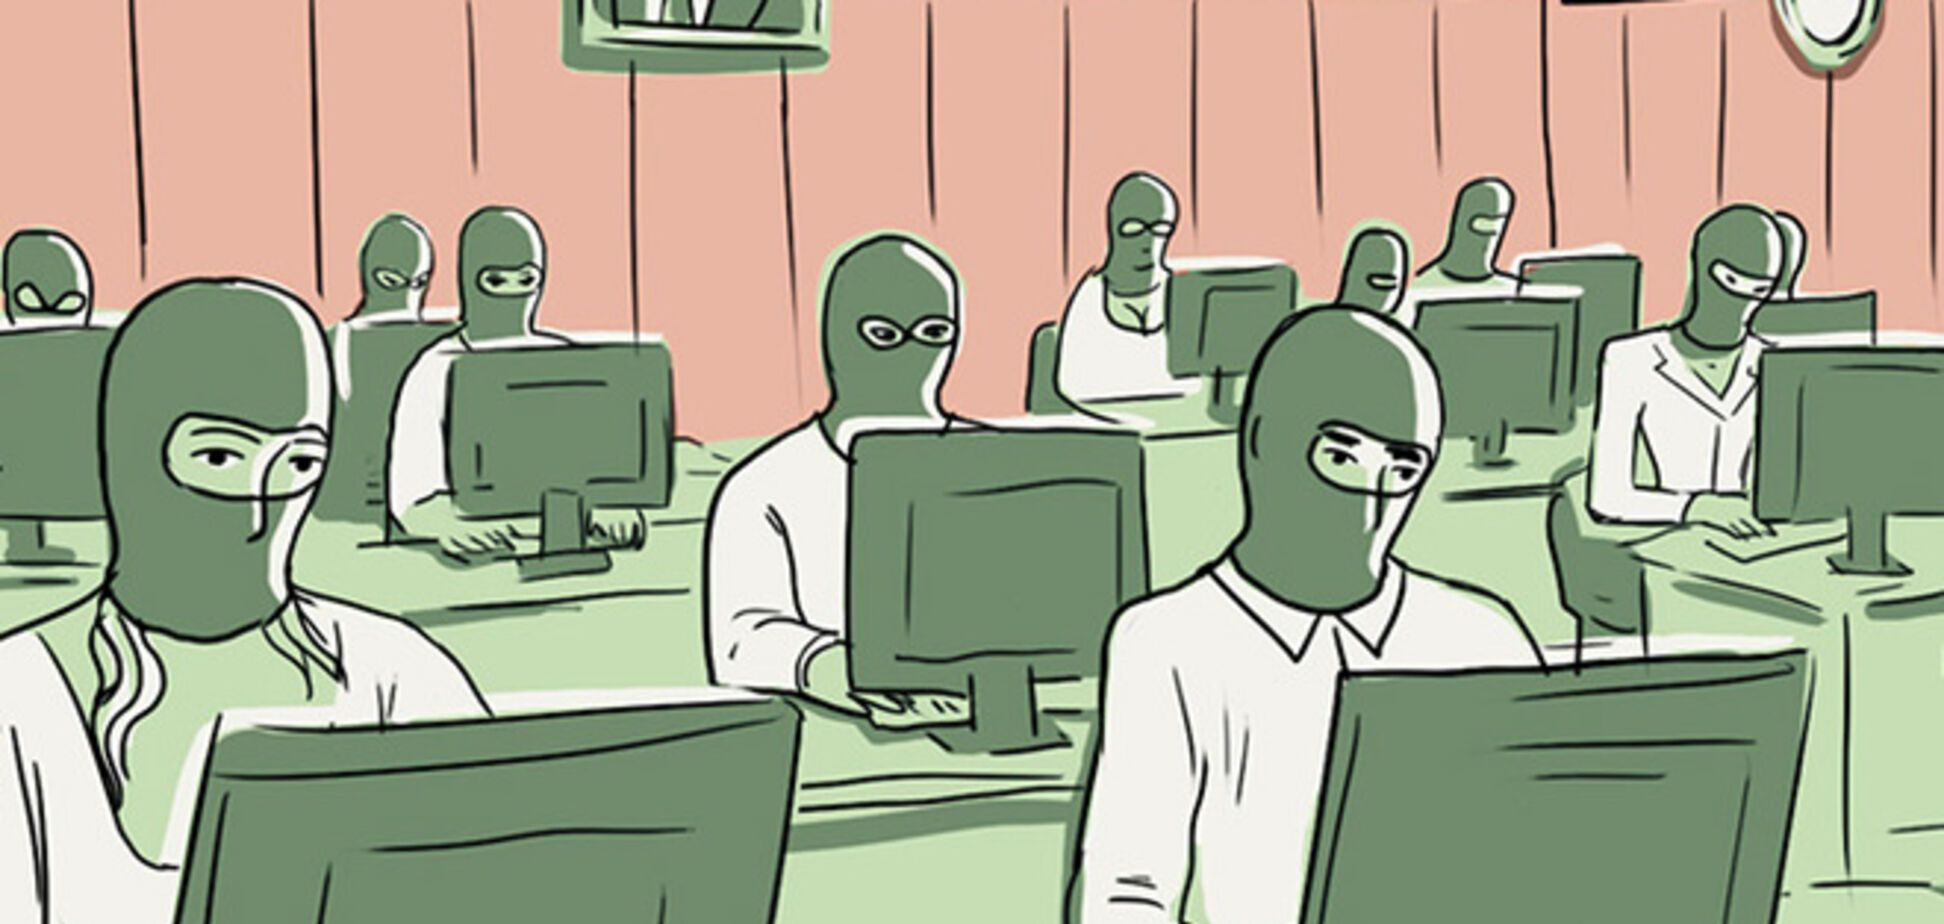 Как работает 'фабрика интернет-троллей' в России: откровения бывшей сотрудницы